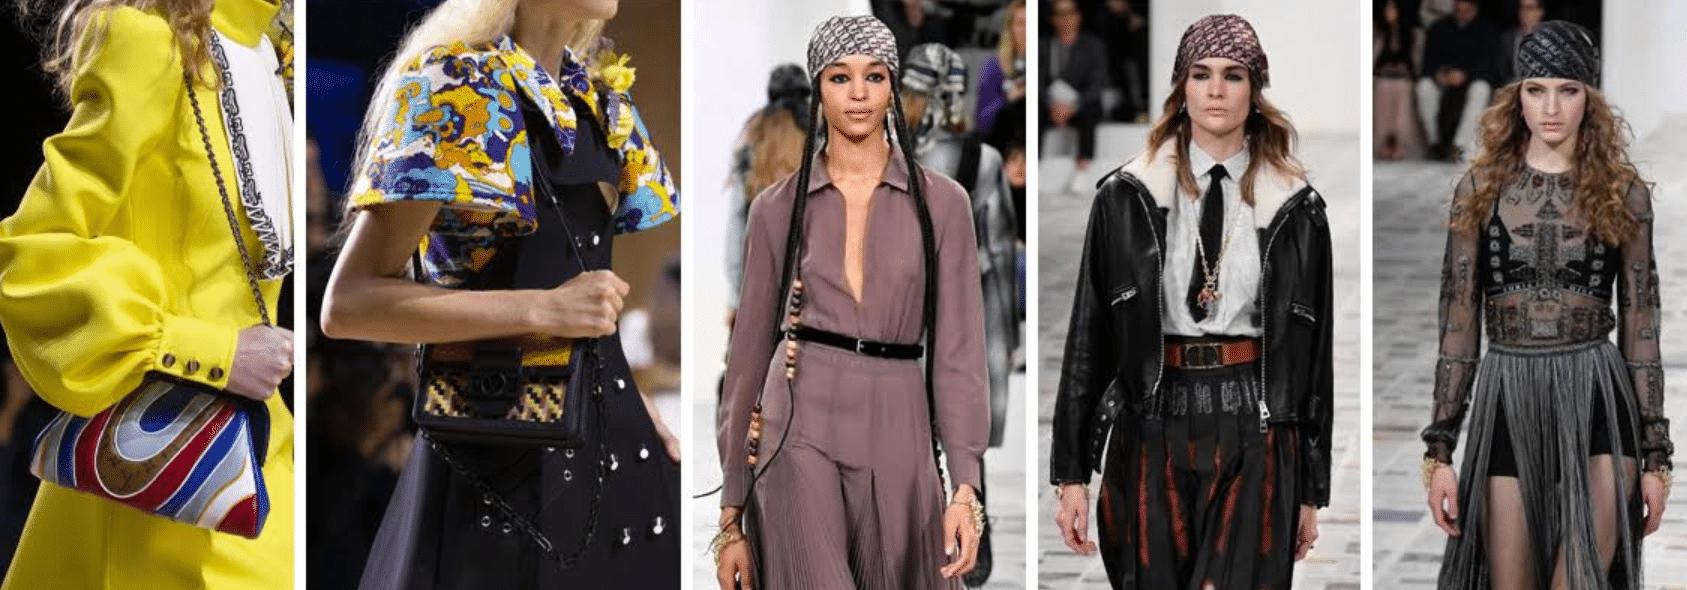 modelos desfilando em passarela da semana da moda em paris mostrando as tendências em acessórios